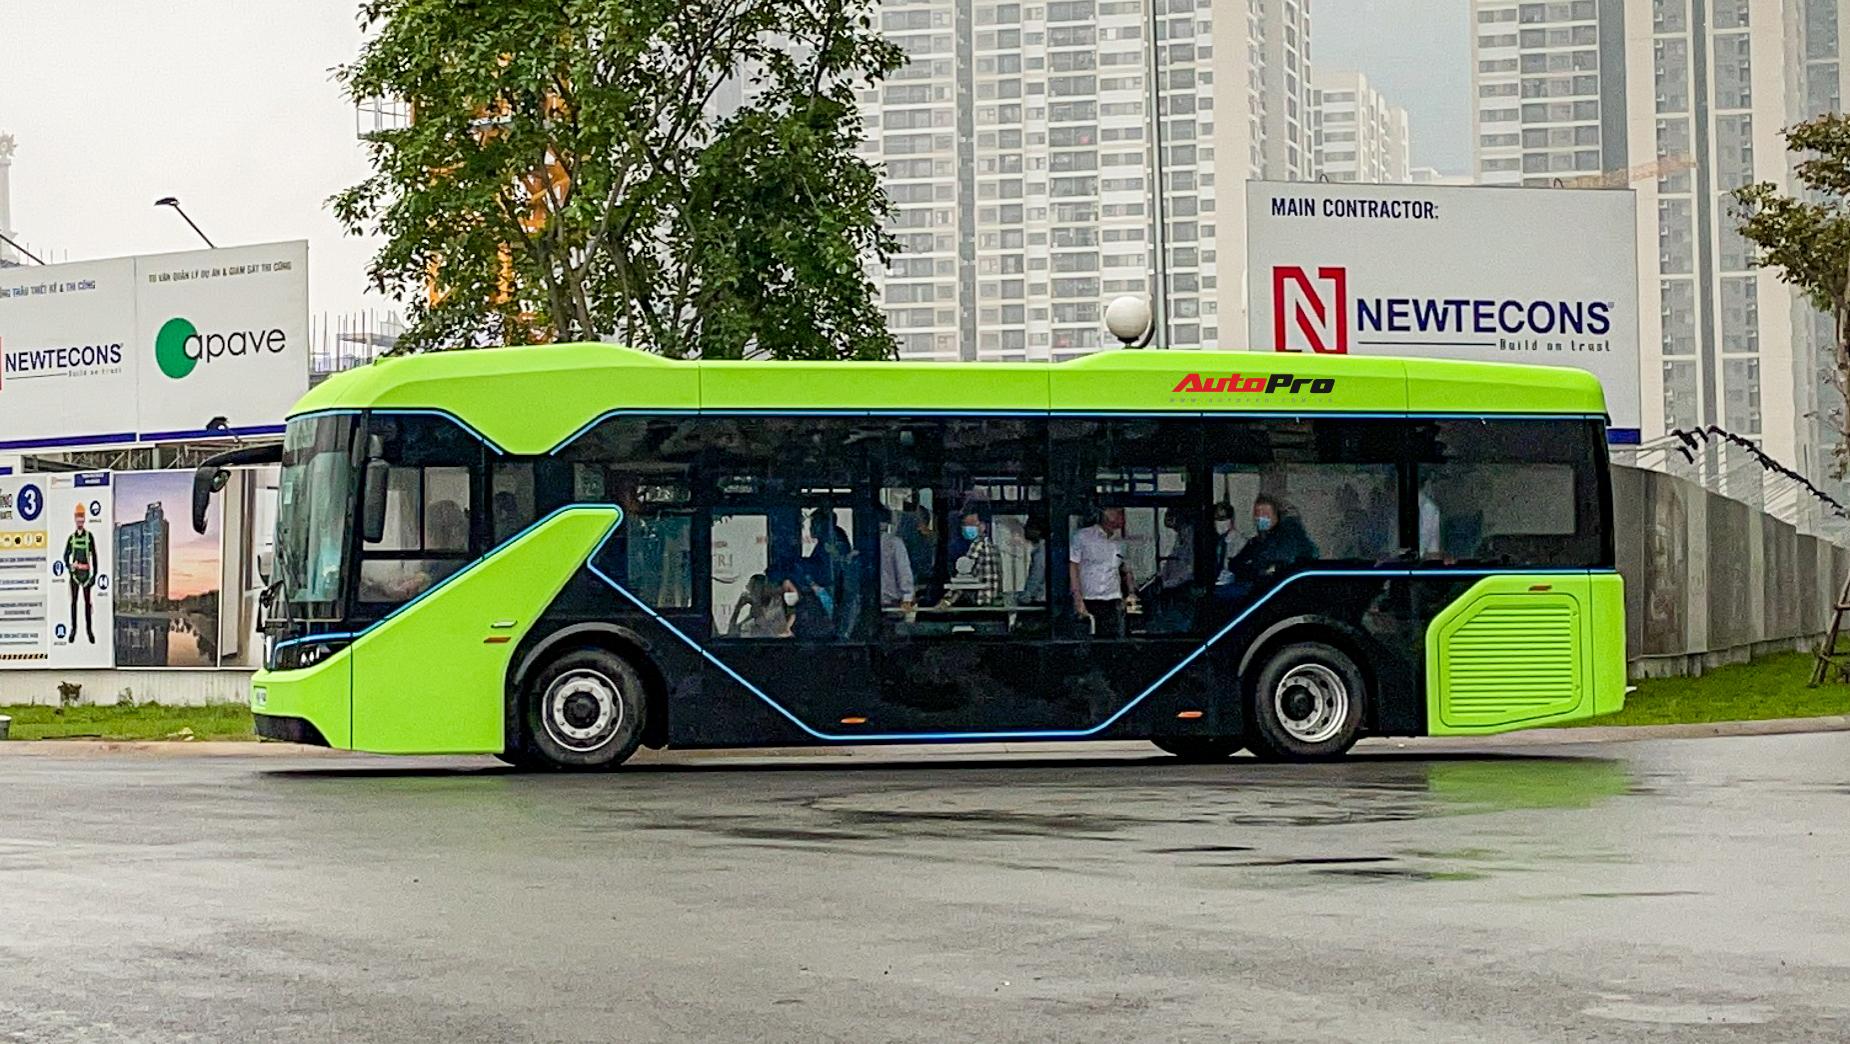 vinbus 7 1617335214450306377295 VinBus đầu tiên lăn bánh tại Hà Nội: Êm, không khí thải, bãi đỗ có pin mặt trời, có khu rửa xe riêng 'xịn sò'